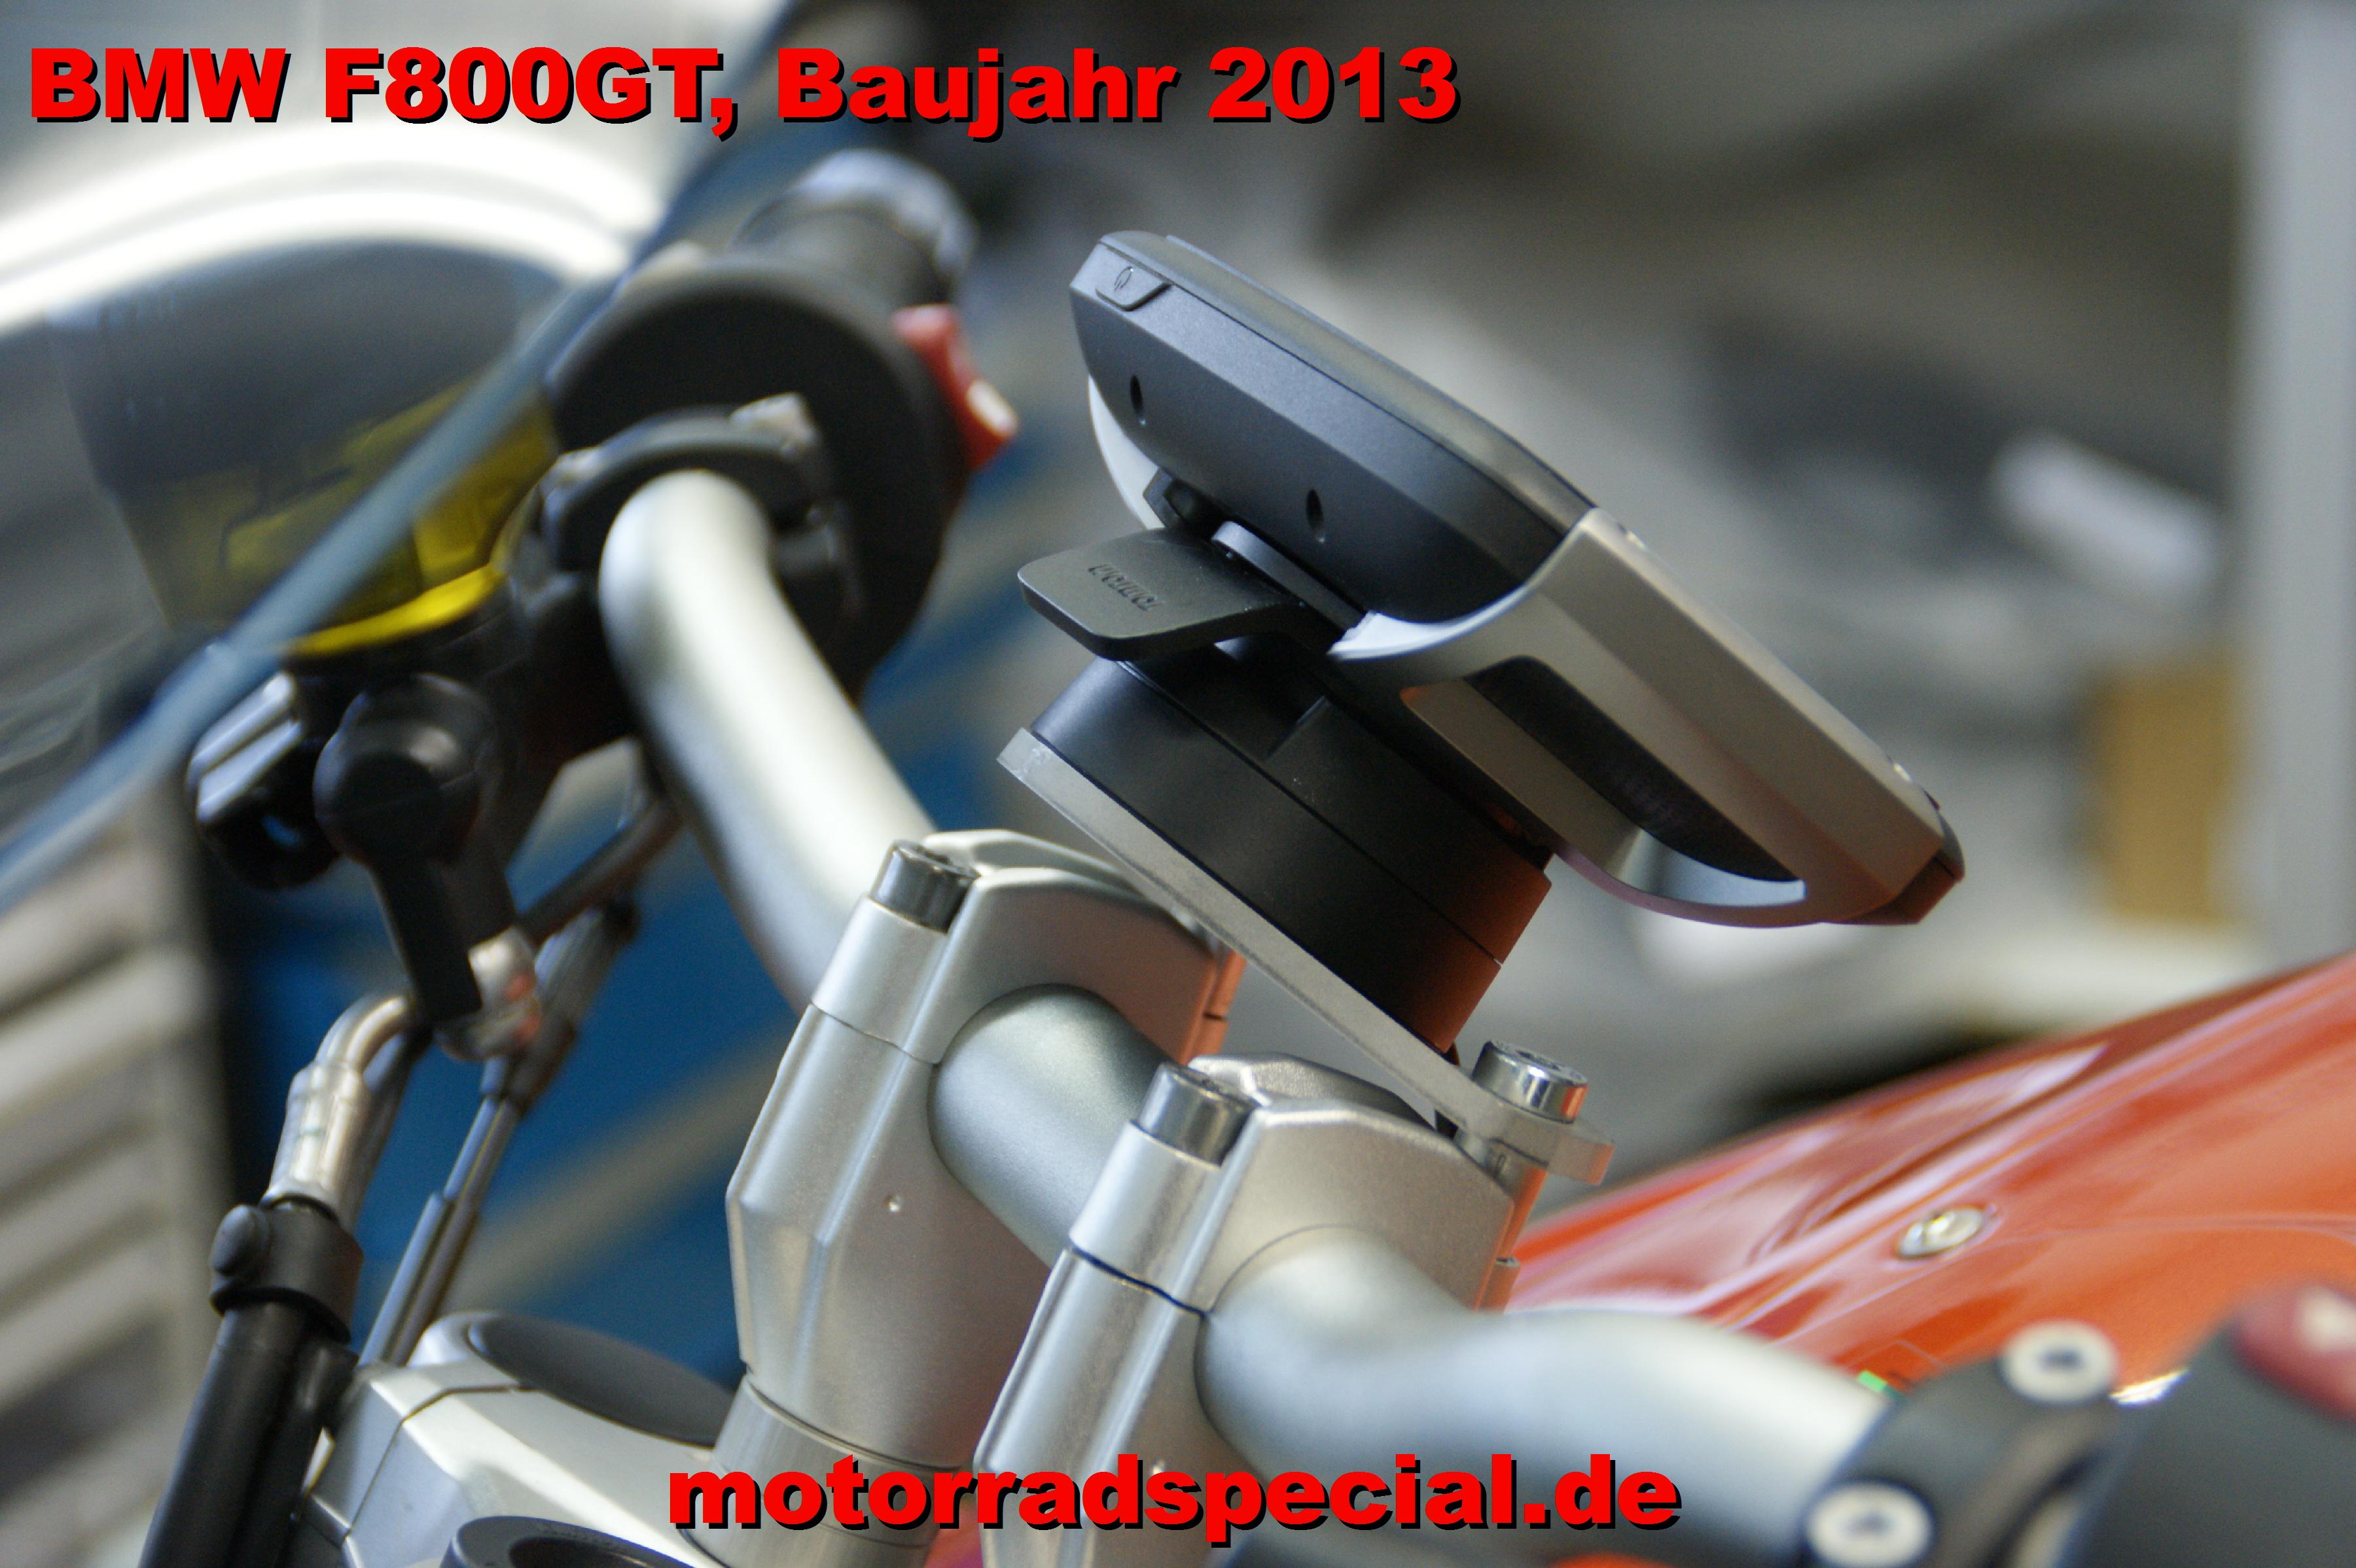 BMW_F800GT_Baujahr2013_Navigationshalterung_Navihalter_Navihalterung